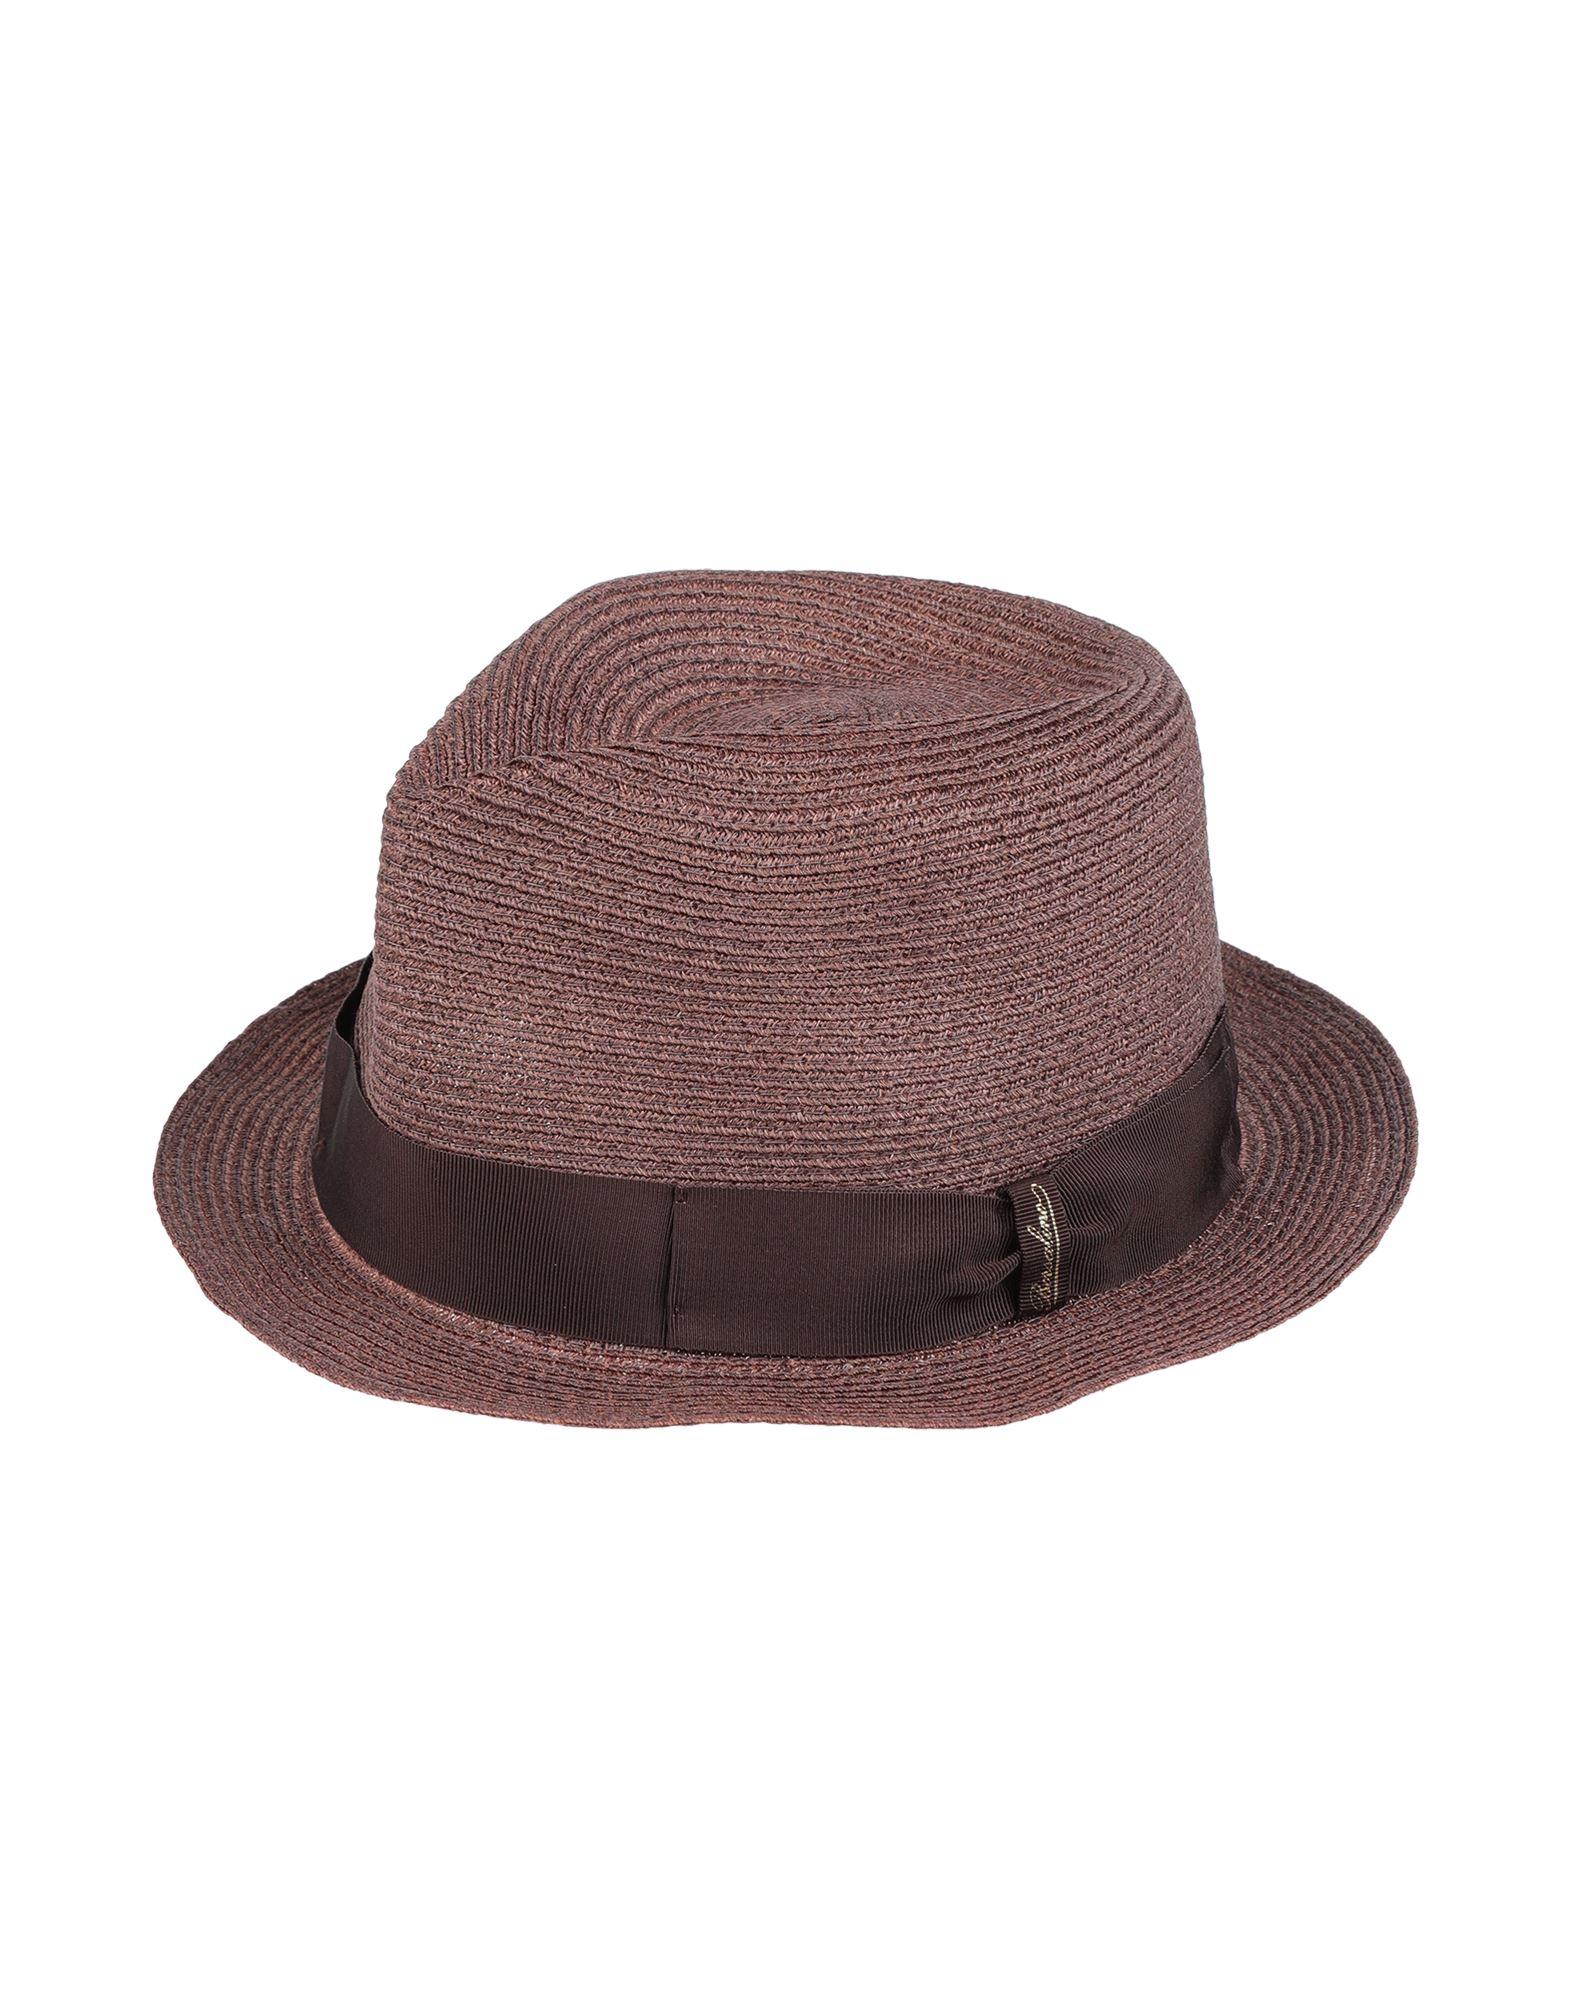 《セール開催中》BORSALINO メンズ 帽子 ココア 56 指定外繊維(ヘンプ) 100%